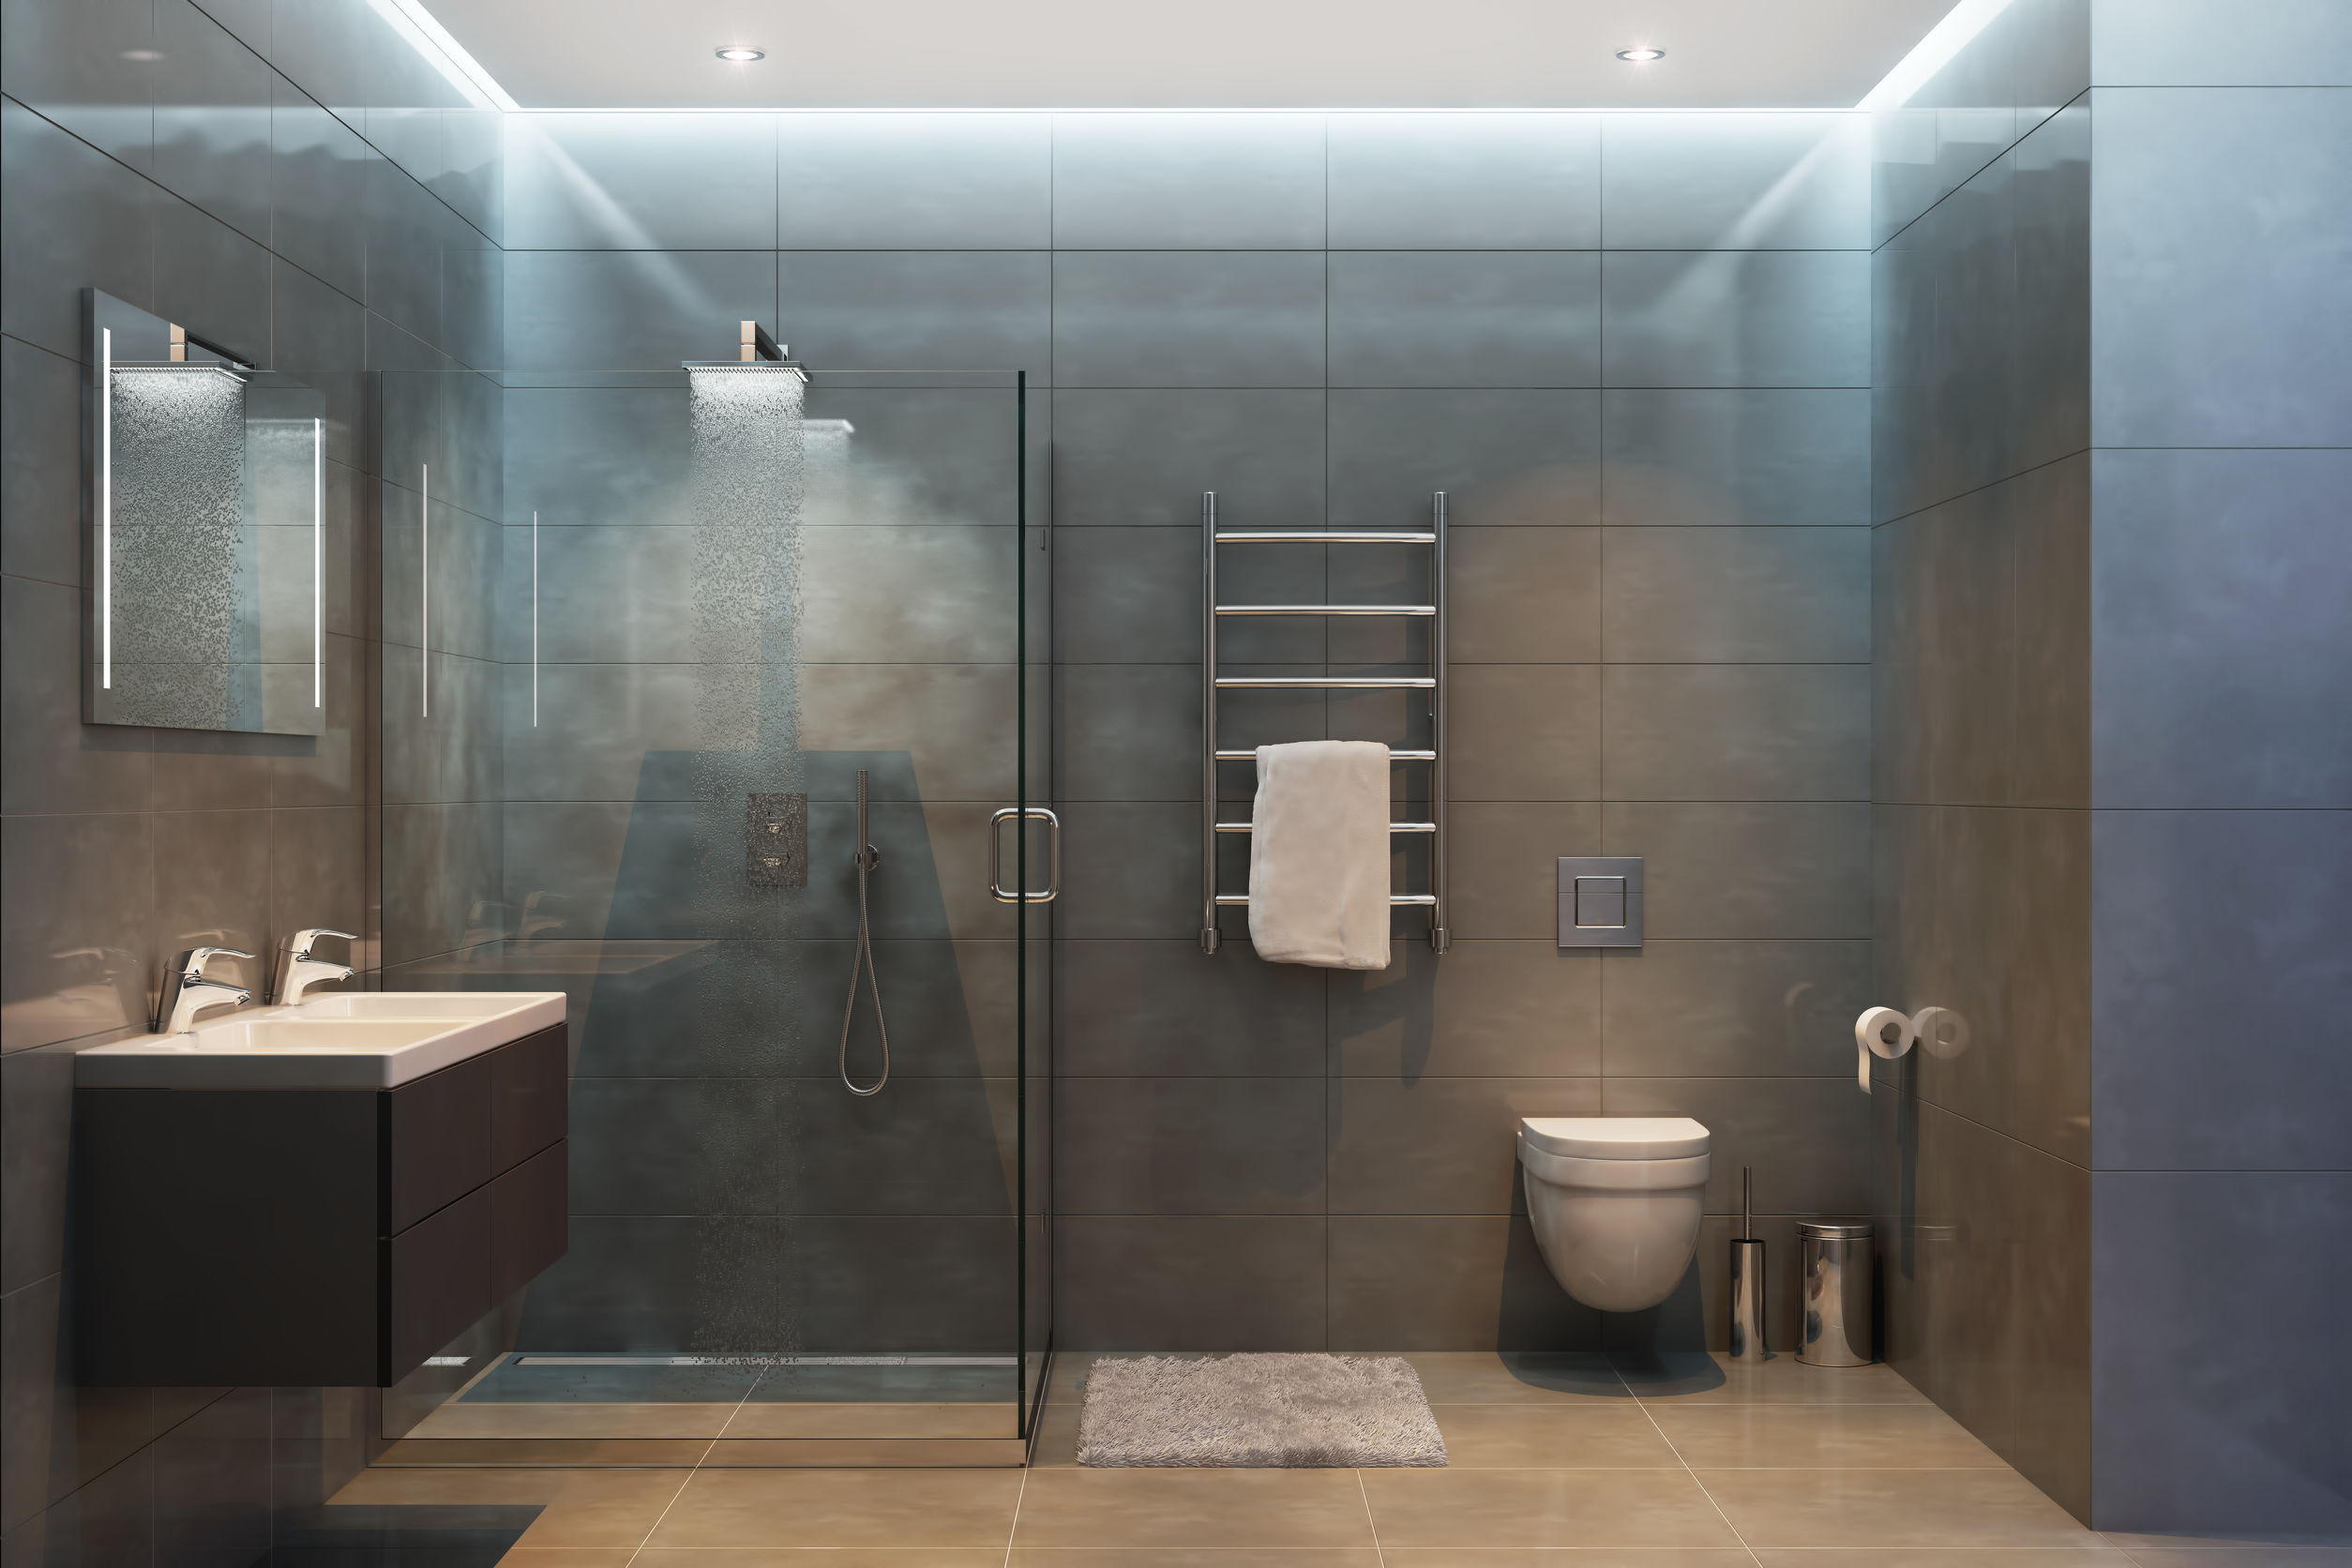 Cuarto de baño moderno con el equipo y los accesorios modernos